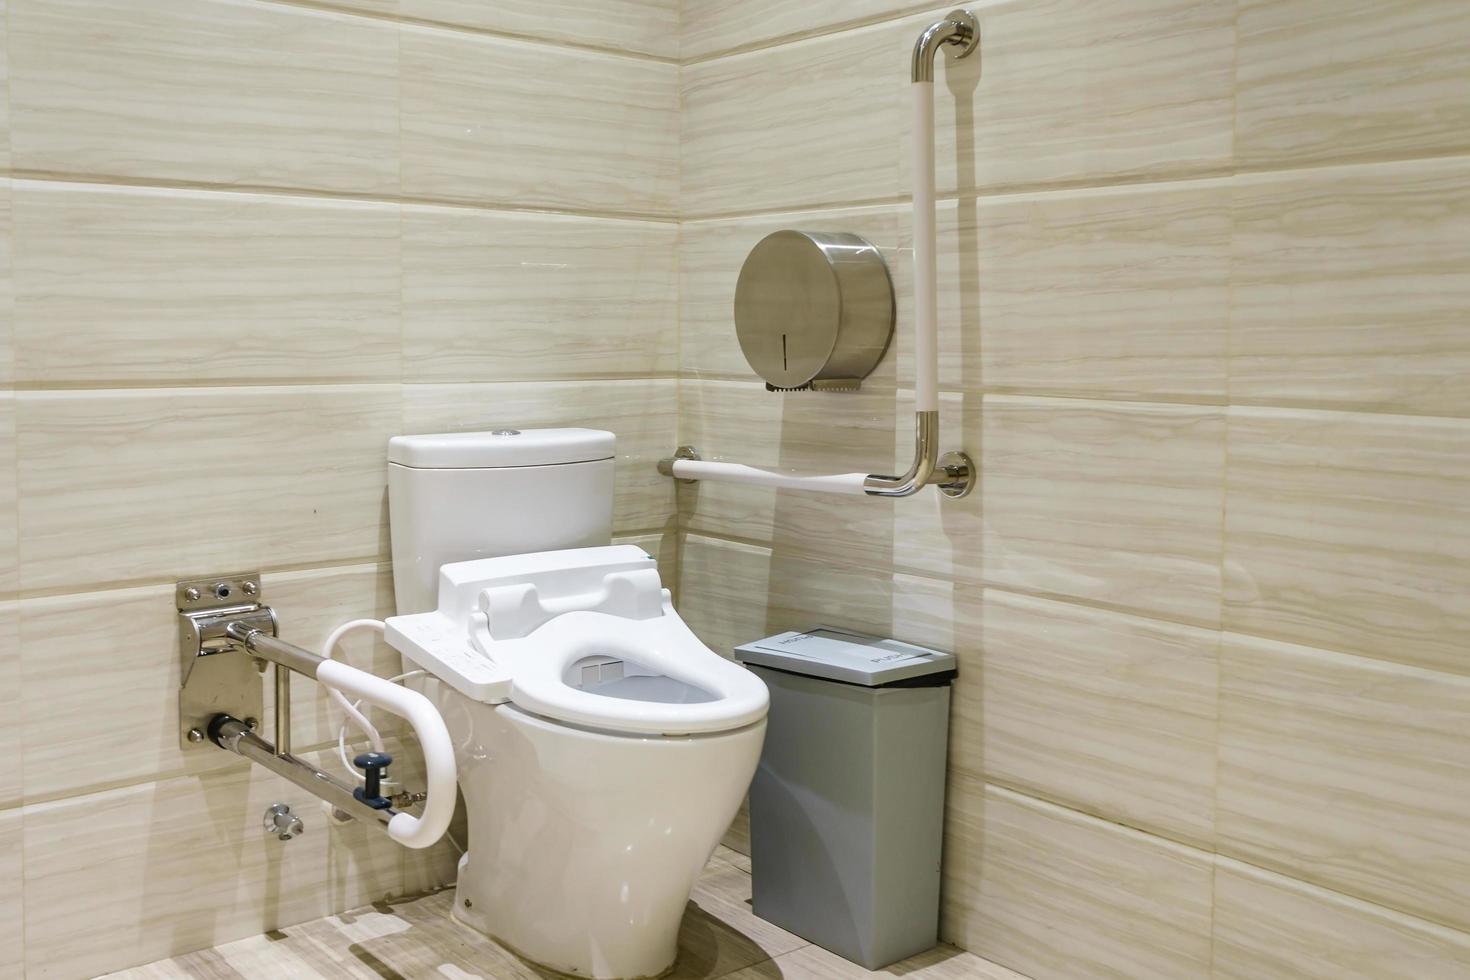 interieur van de badkamer foto